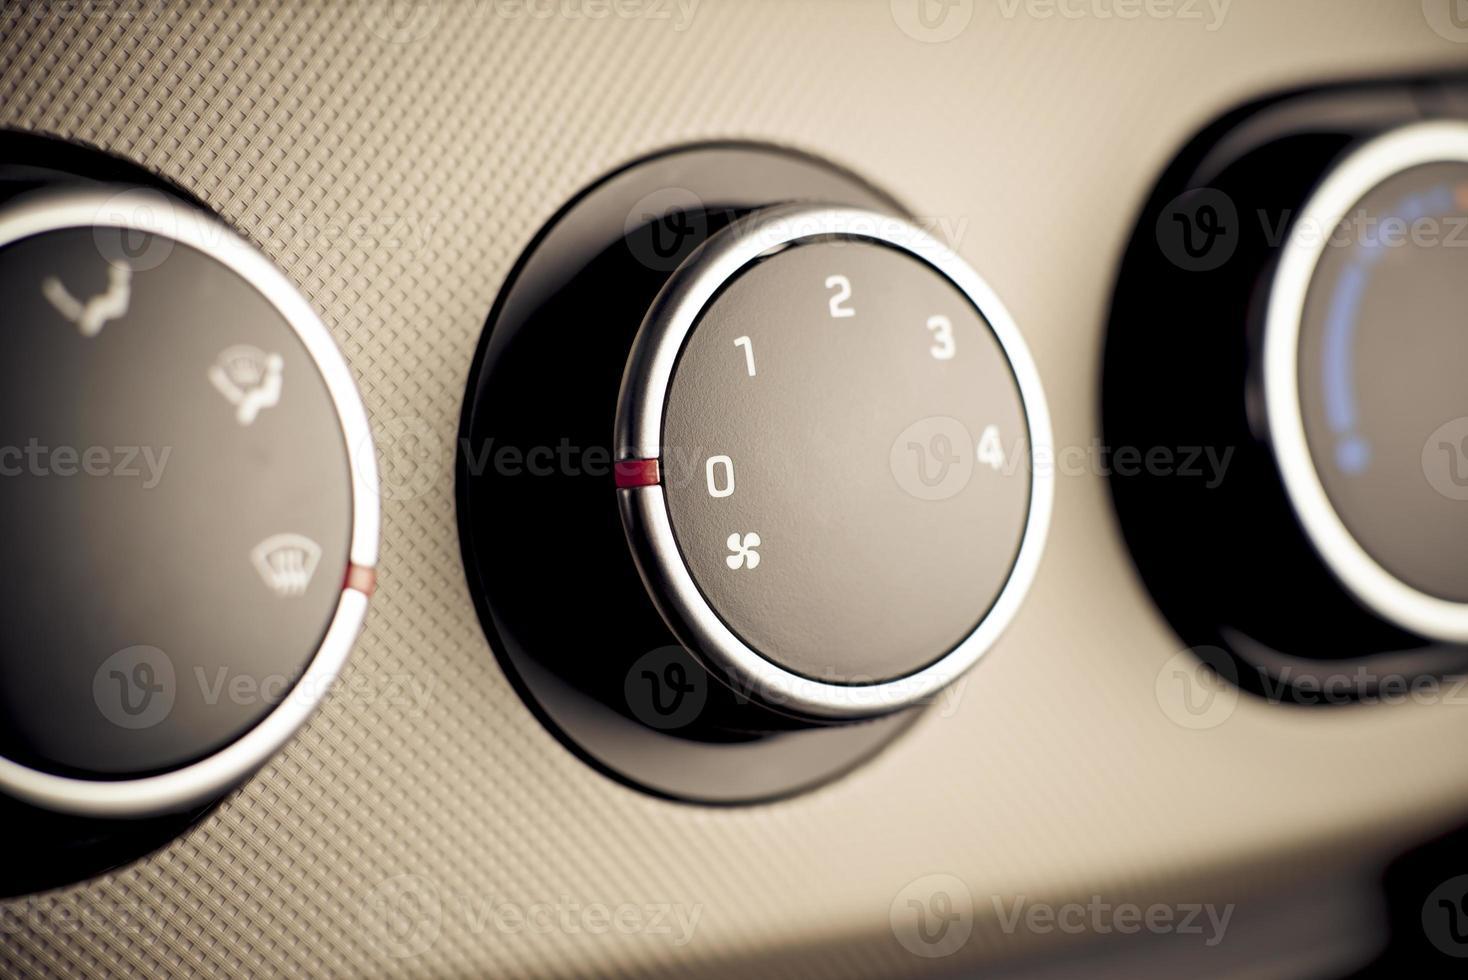 cruscotto climatizzatore in auto, veicolo. foto